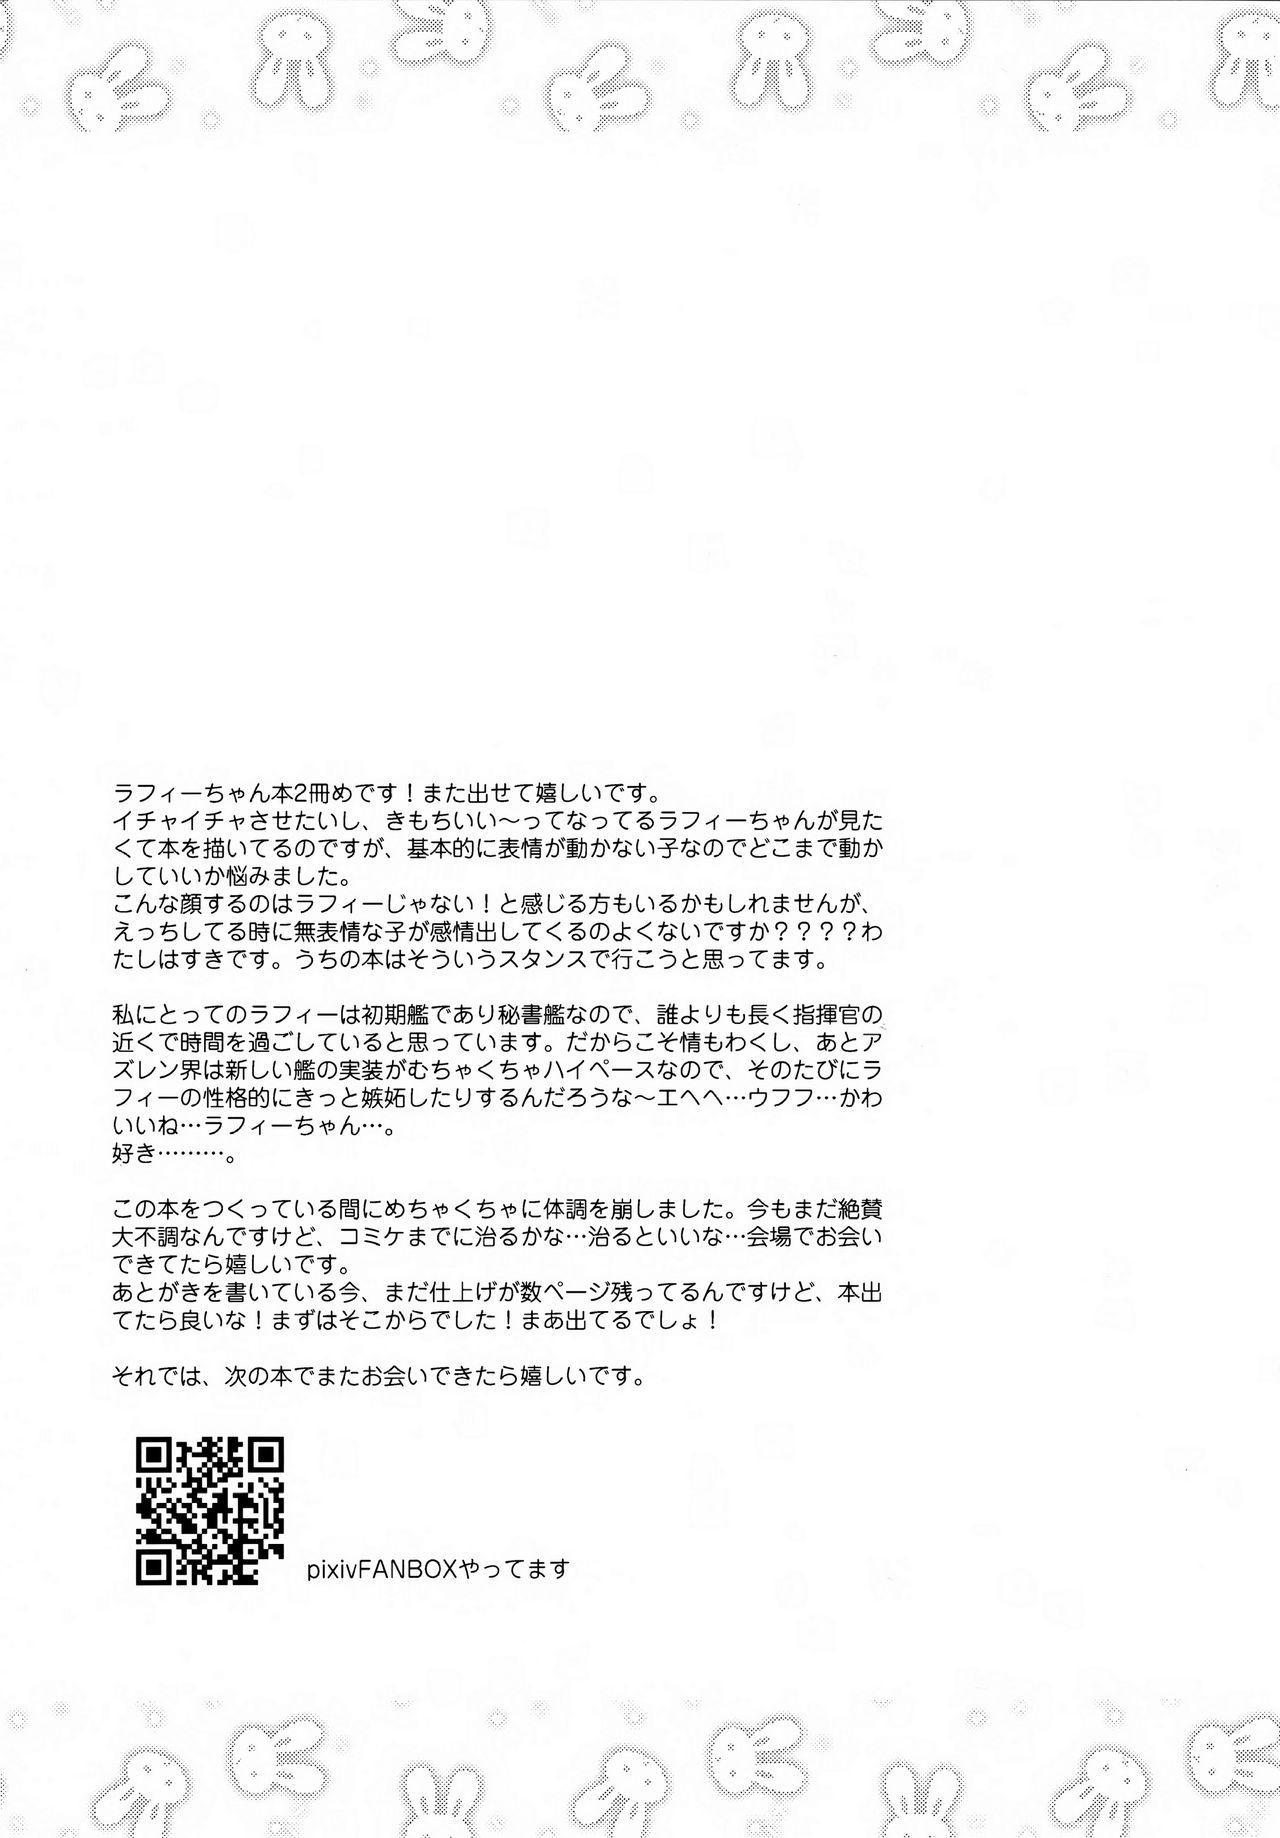 Shikikan, Kyou wa Atsui kara Laffey to Nenne... Shiyo? 19